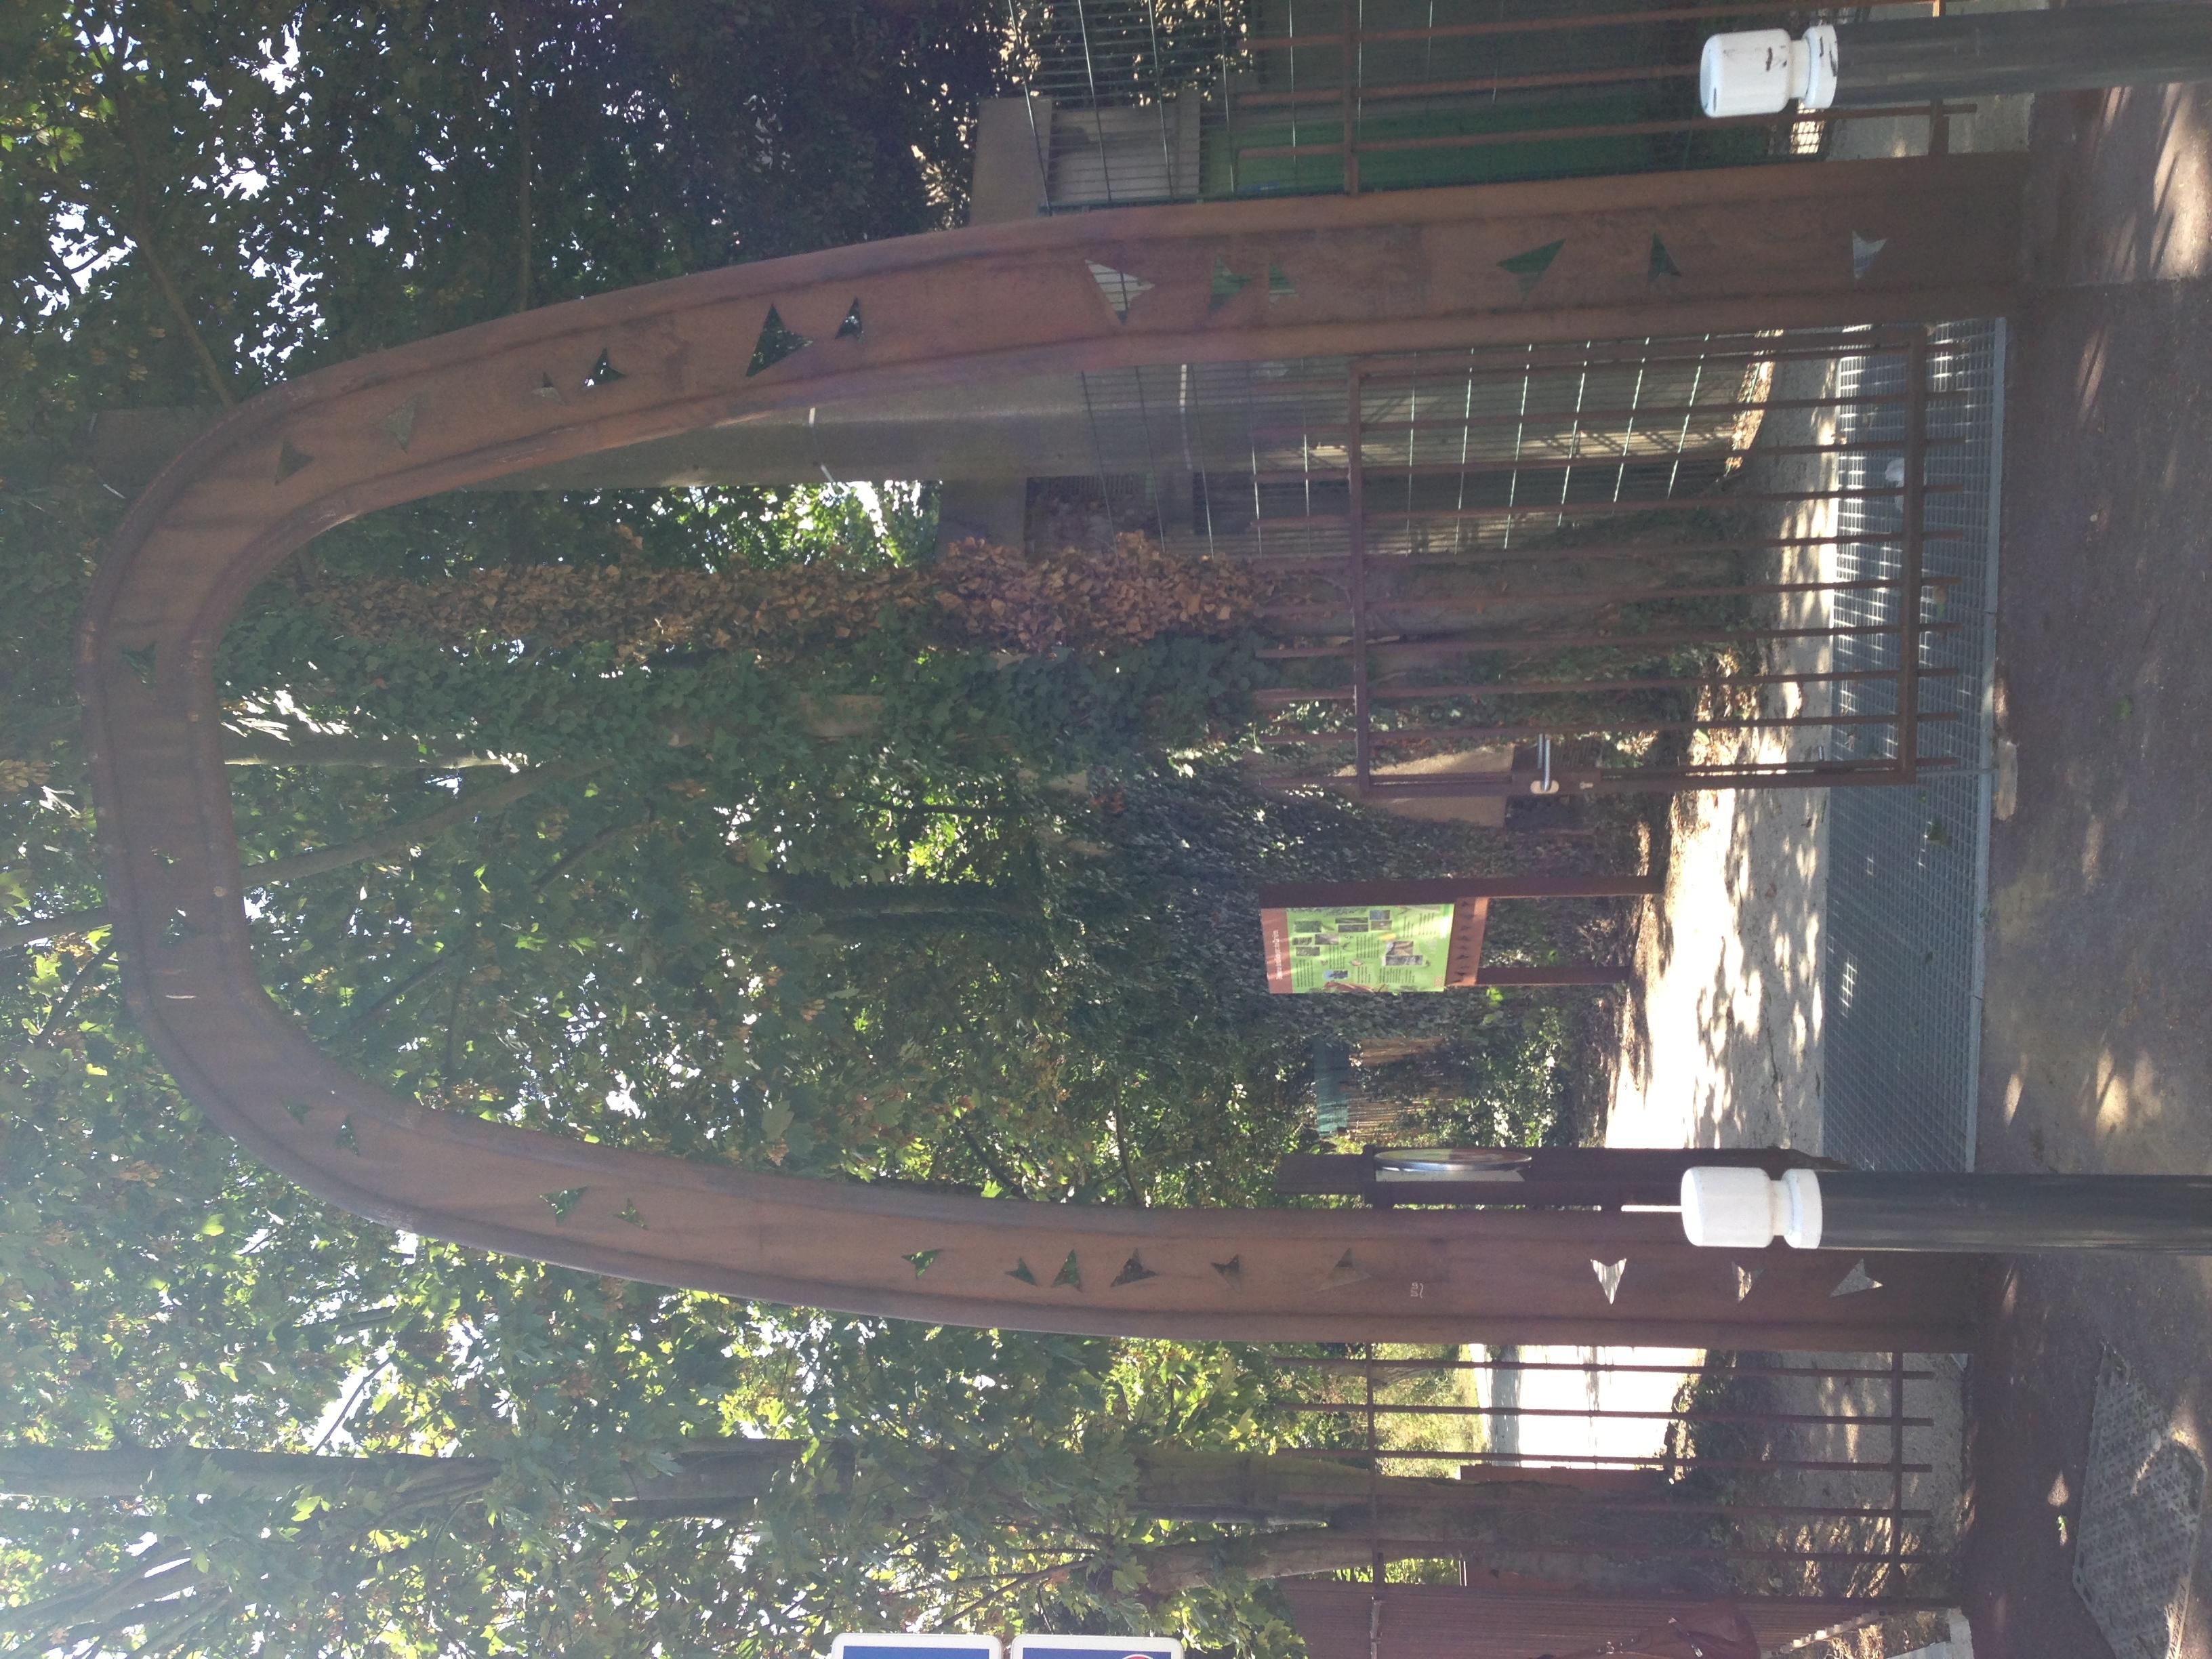 Ouverture De Porte Fontenay Sous Bois - File Porte N u00b01 EcoParc des Carrieres Fontenay sous Bois JPG